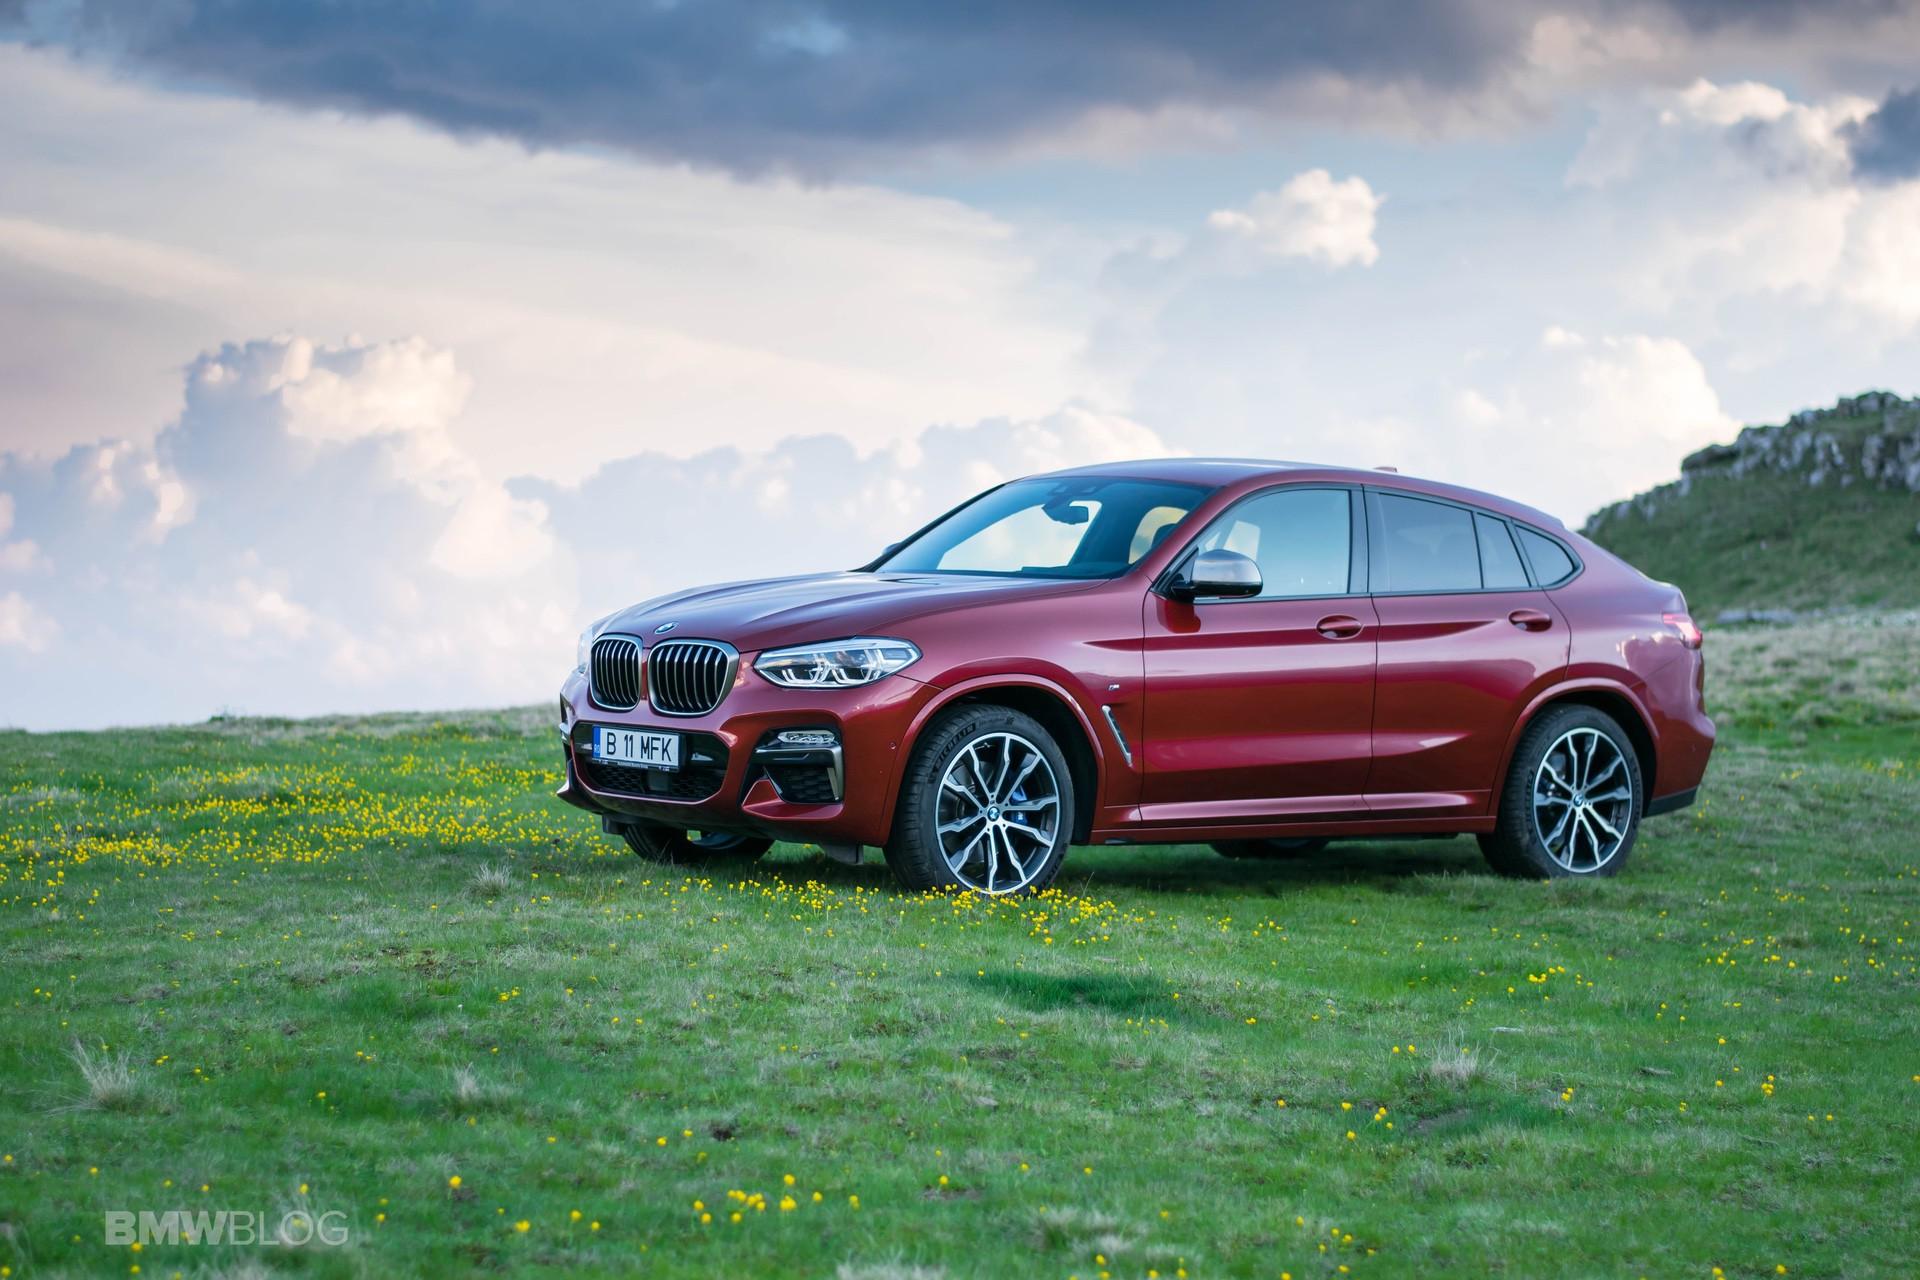 2019 BMW X4 M40d test drive 53